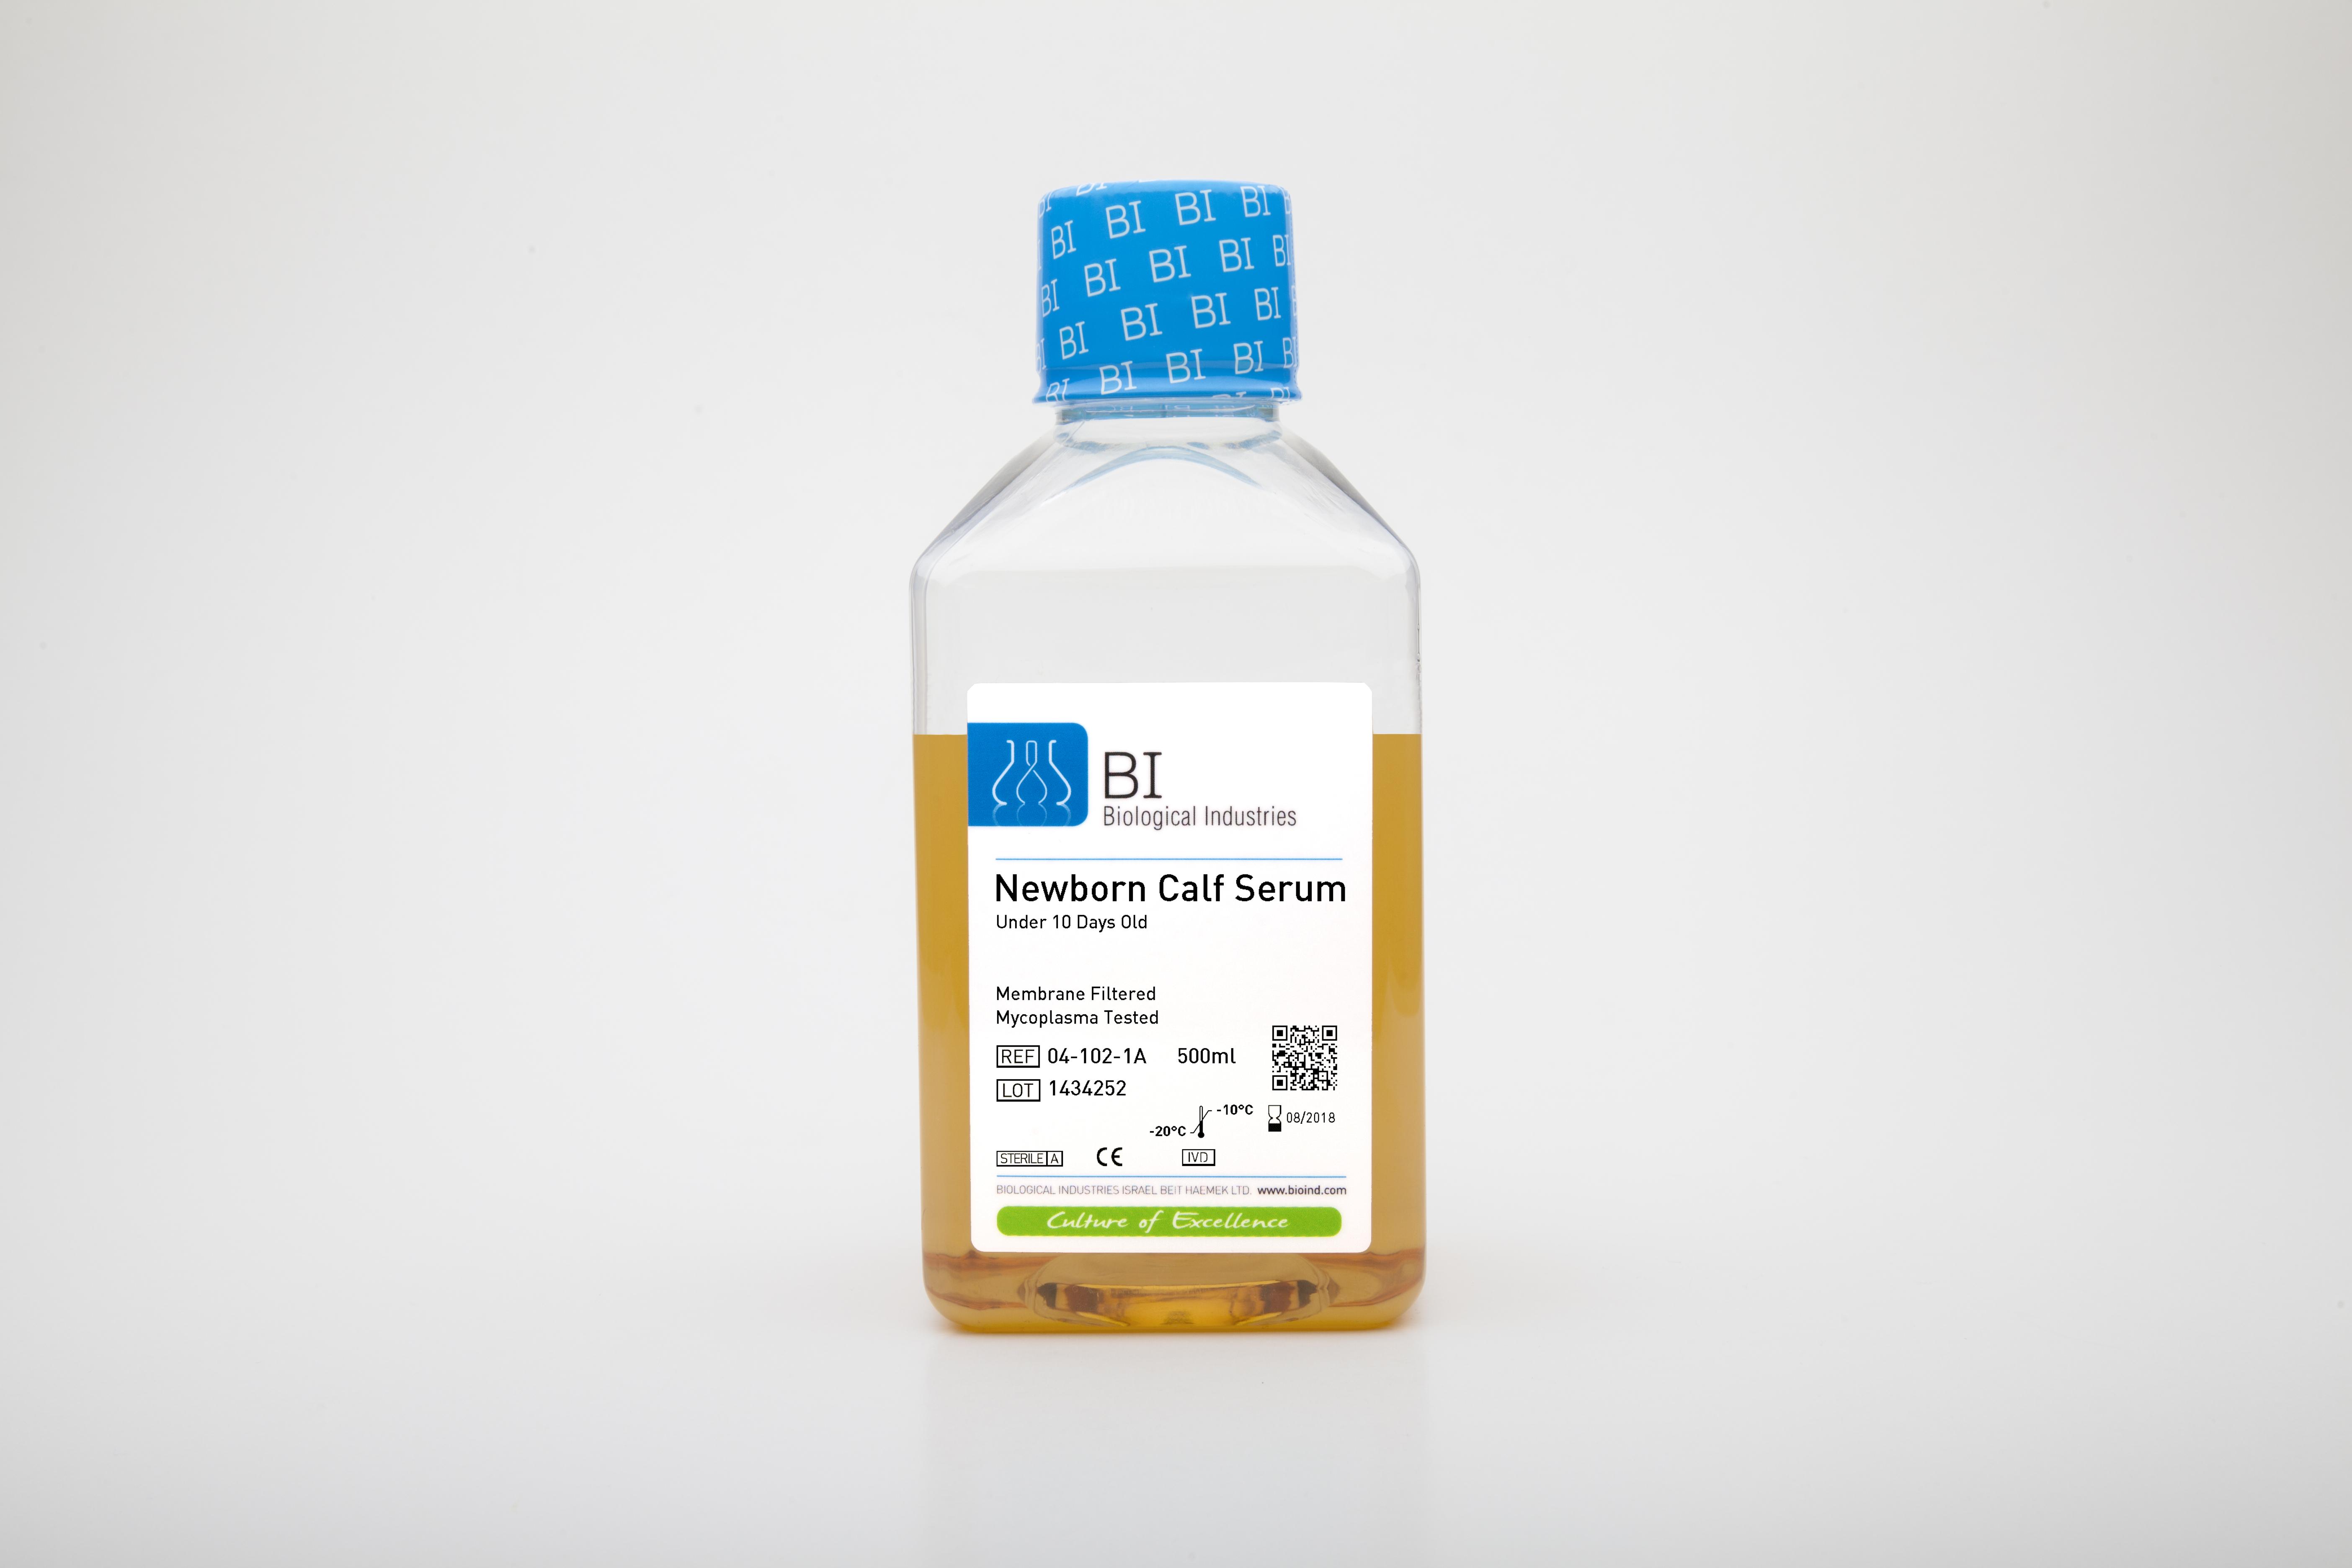 newborn calf serum